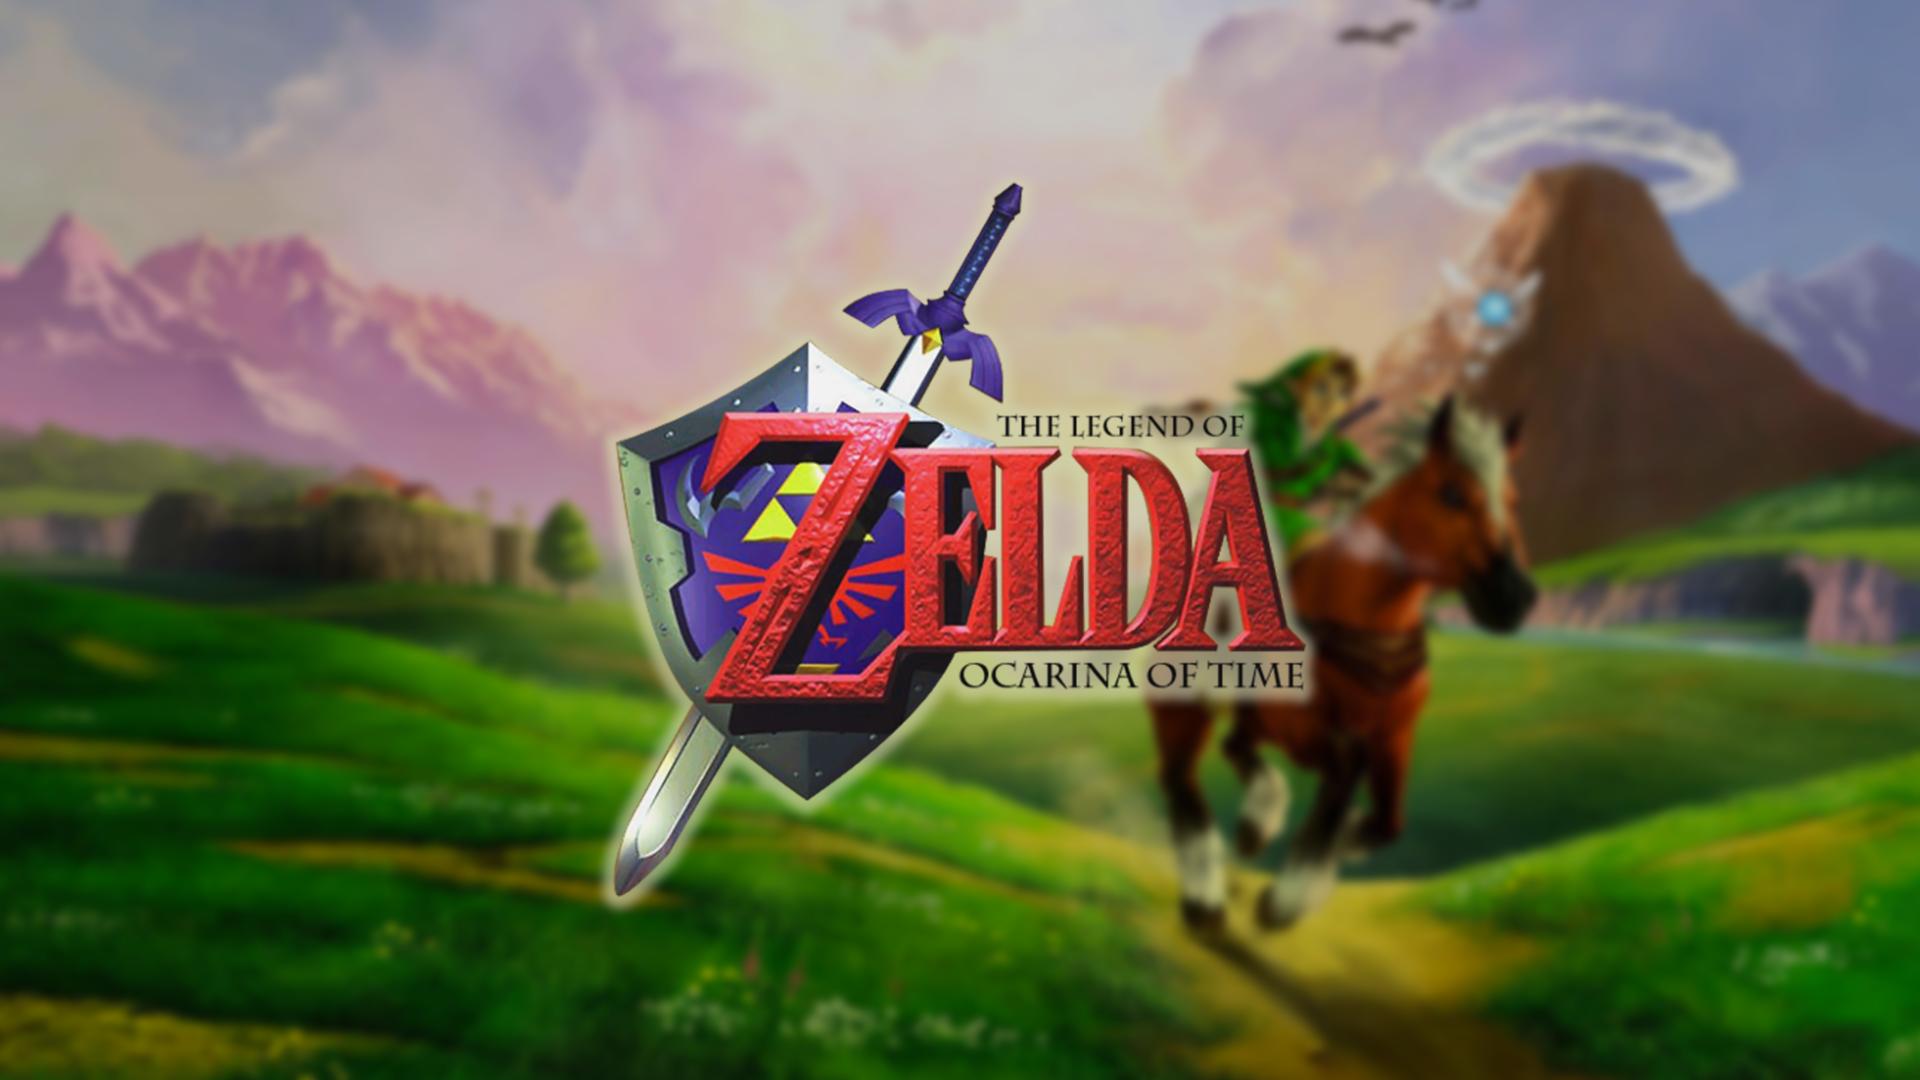 Jogos que completam 20 anos em 2018:<br/> The Legend of Zelda: Ocarina of Time